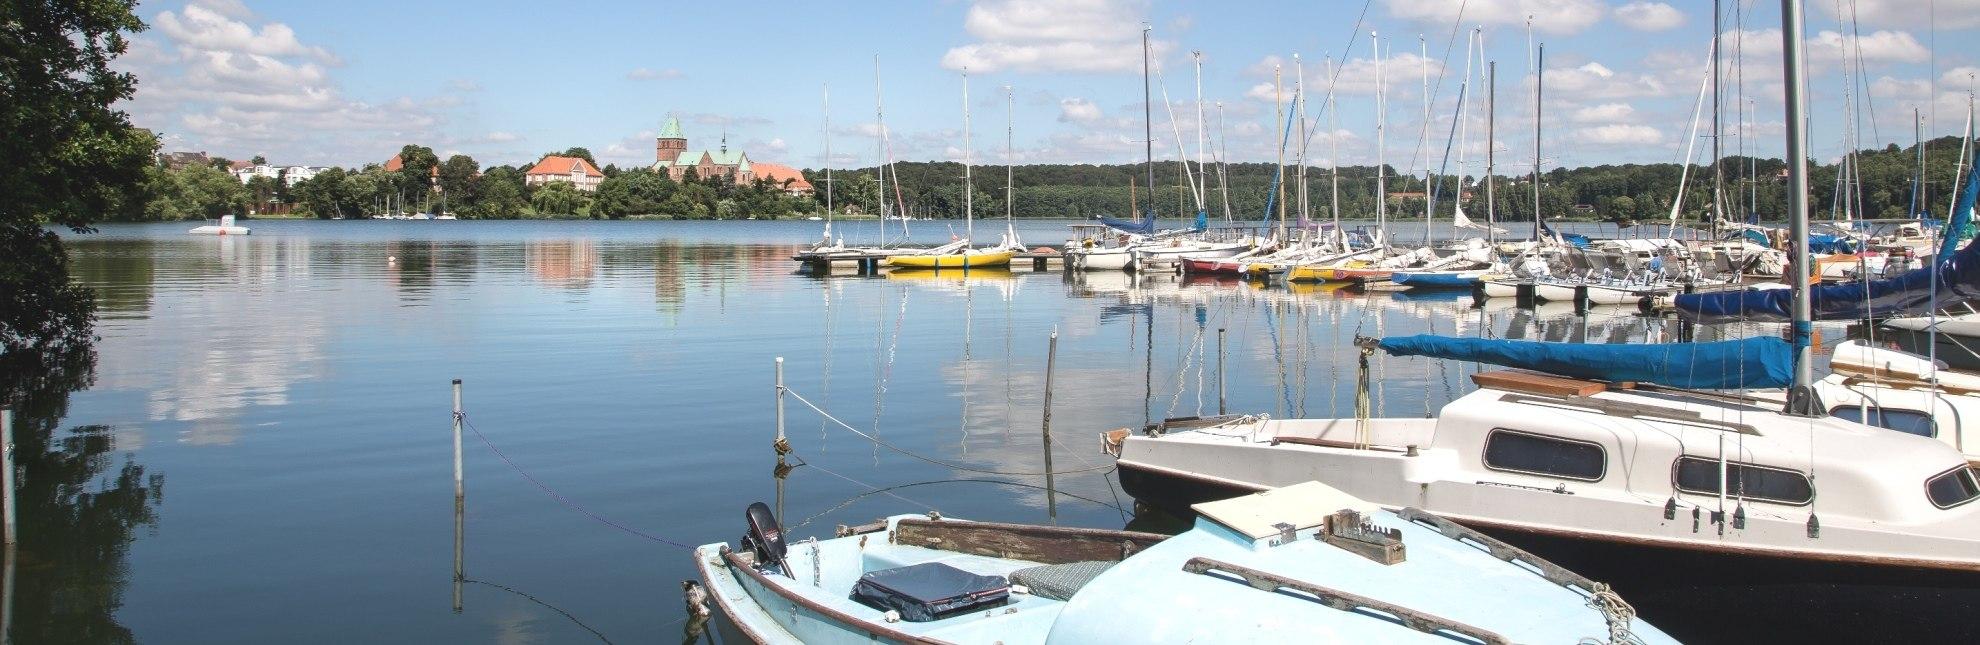 Vom Bootssteg am Domsee gibt es einen tollen Blick auf die Domhalbinsel., © Tourist-Info Ratzeburg / Jens Butz